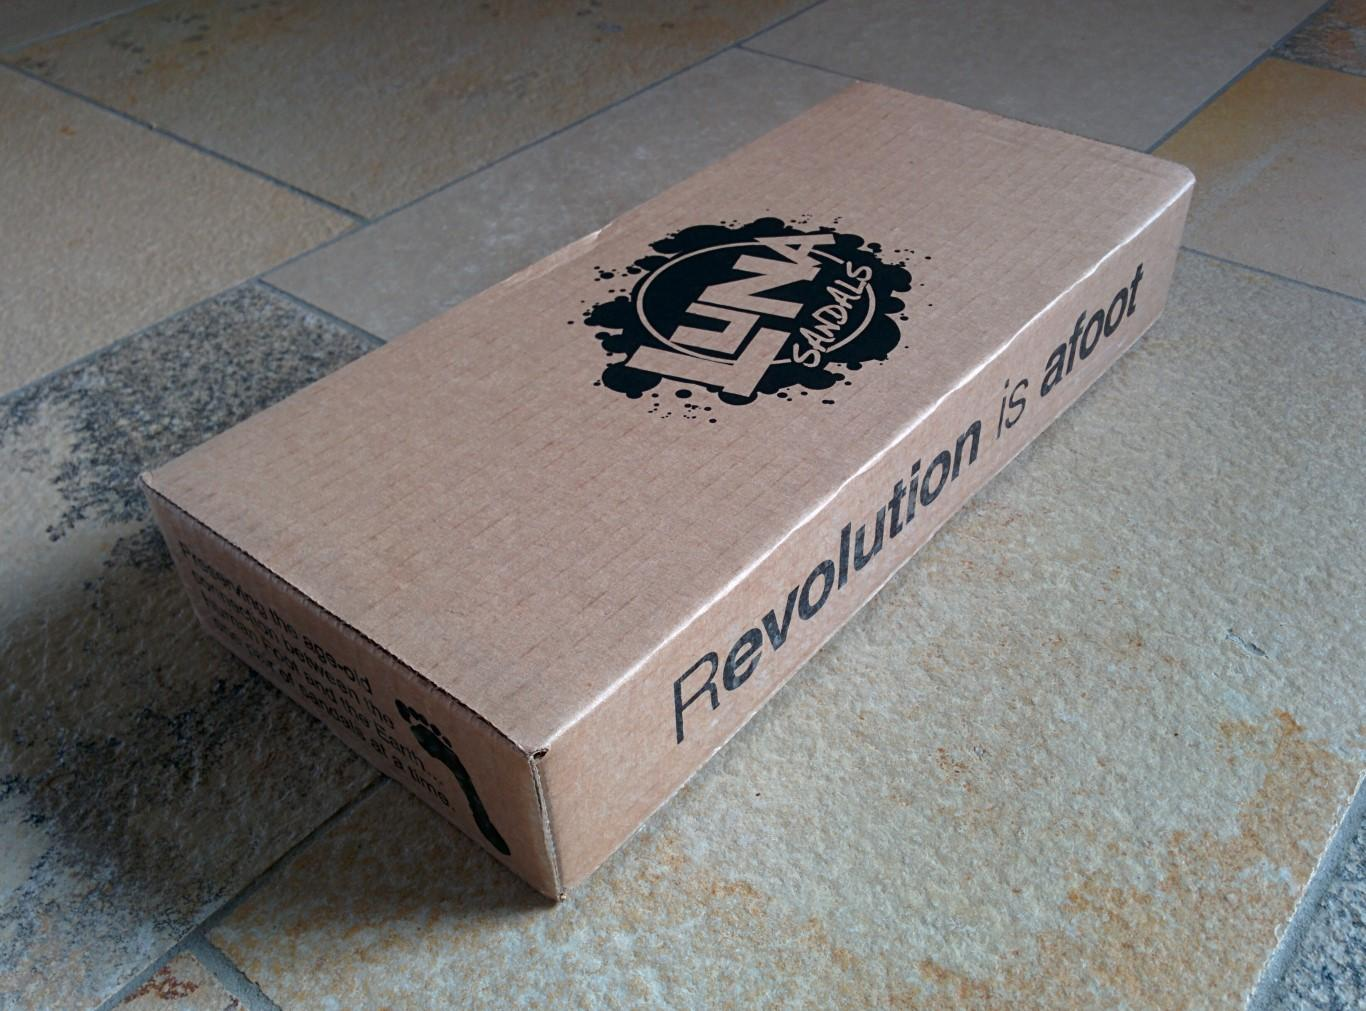 Die Revolution wartet in diesem braunen Karton?